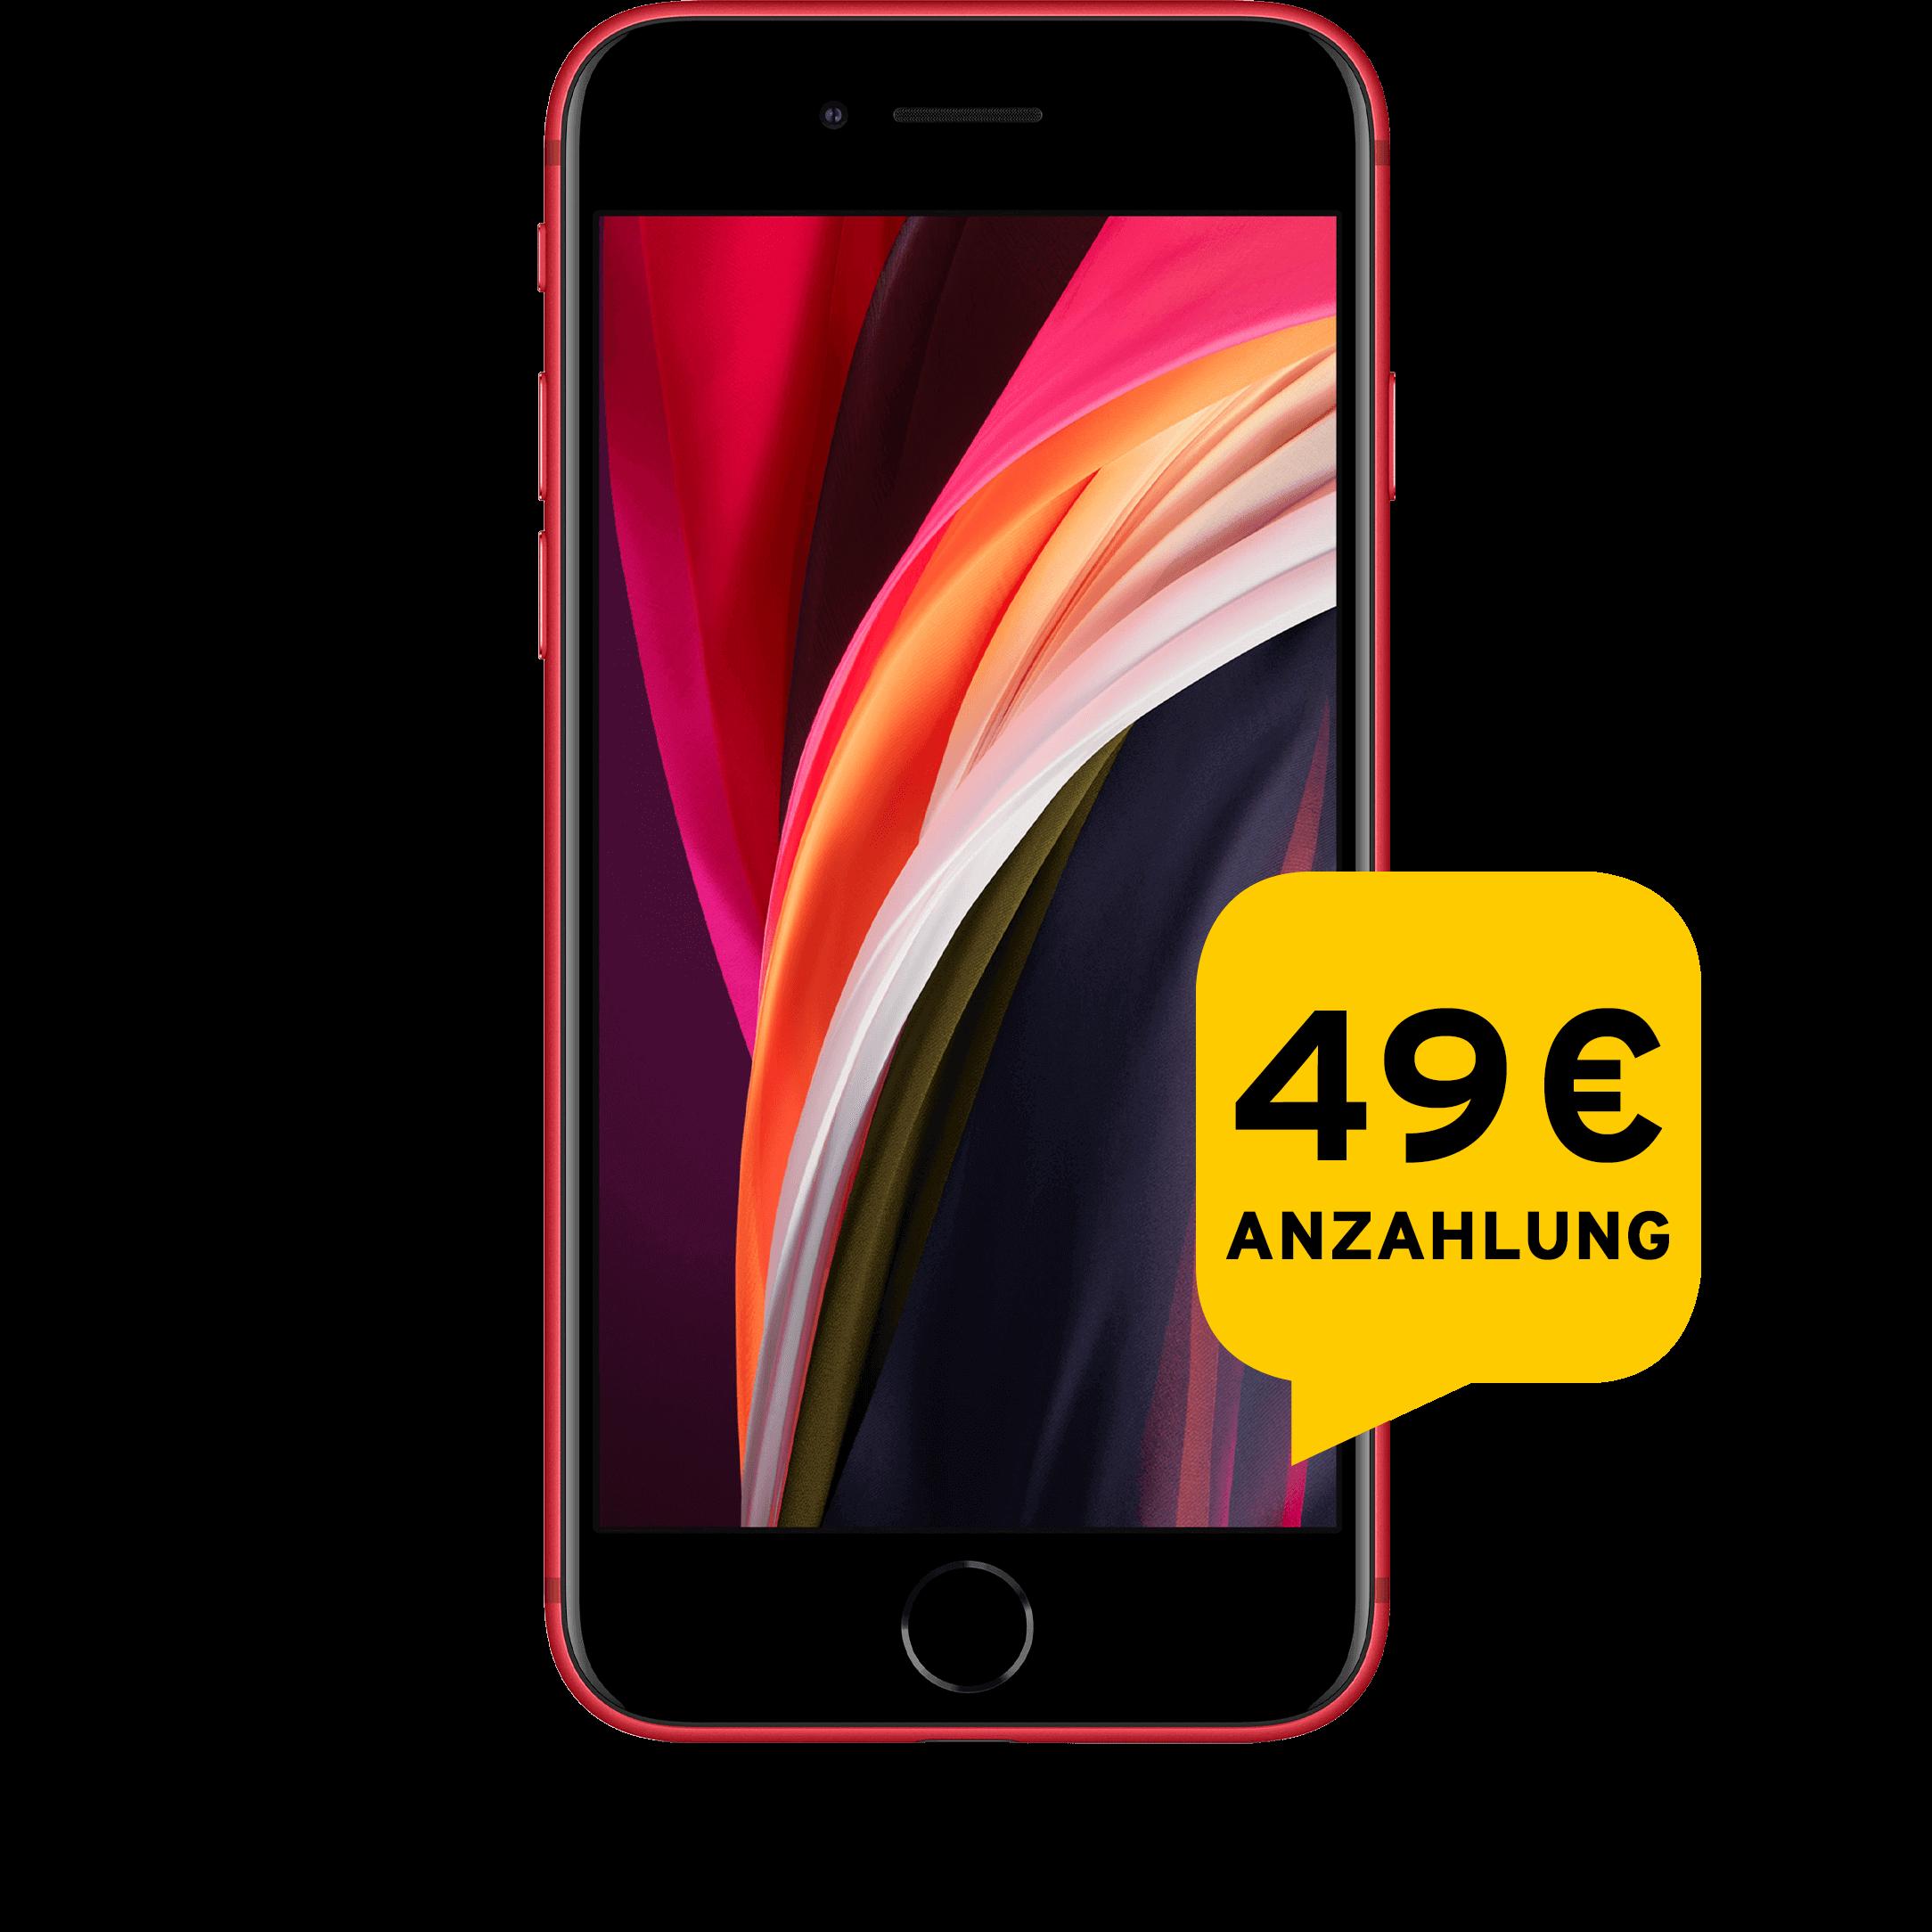 Günstig Kaufen beim Preisvergleich-Apple iPhone SE 2020 64 GB rot Aktion mit Allnet Flat Plus